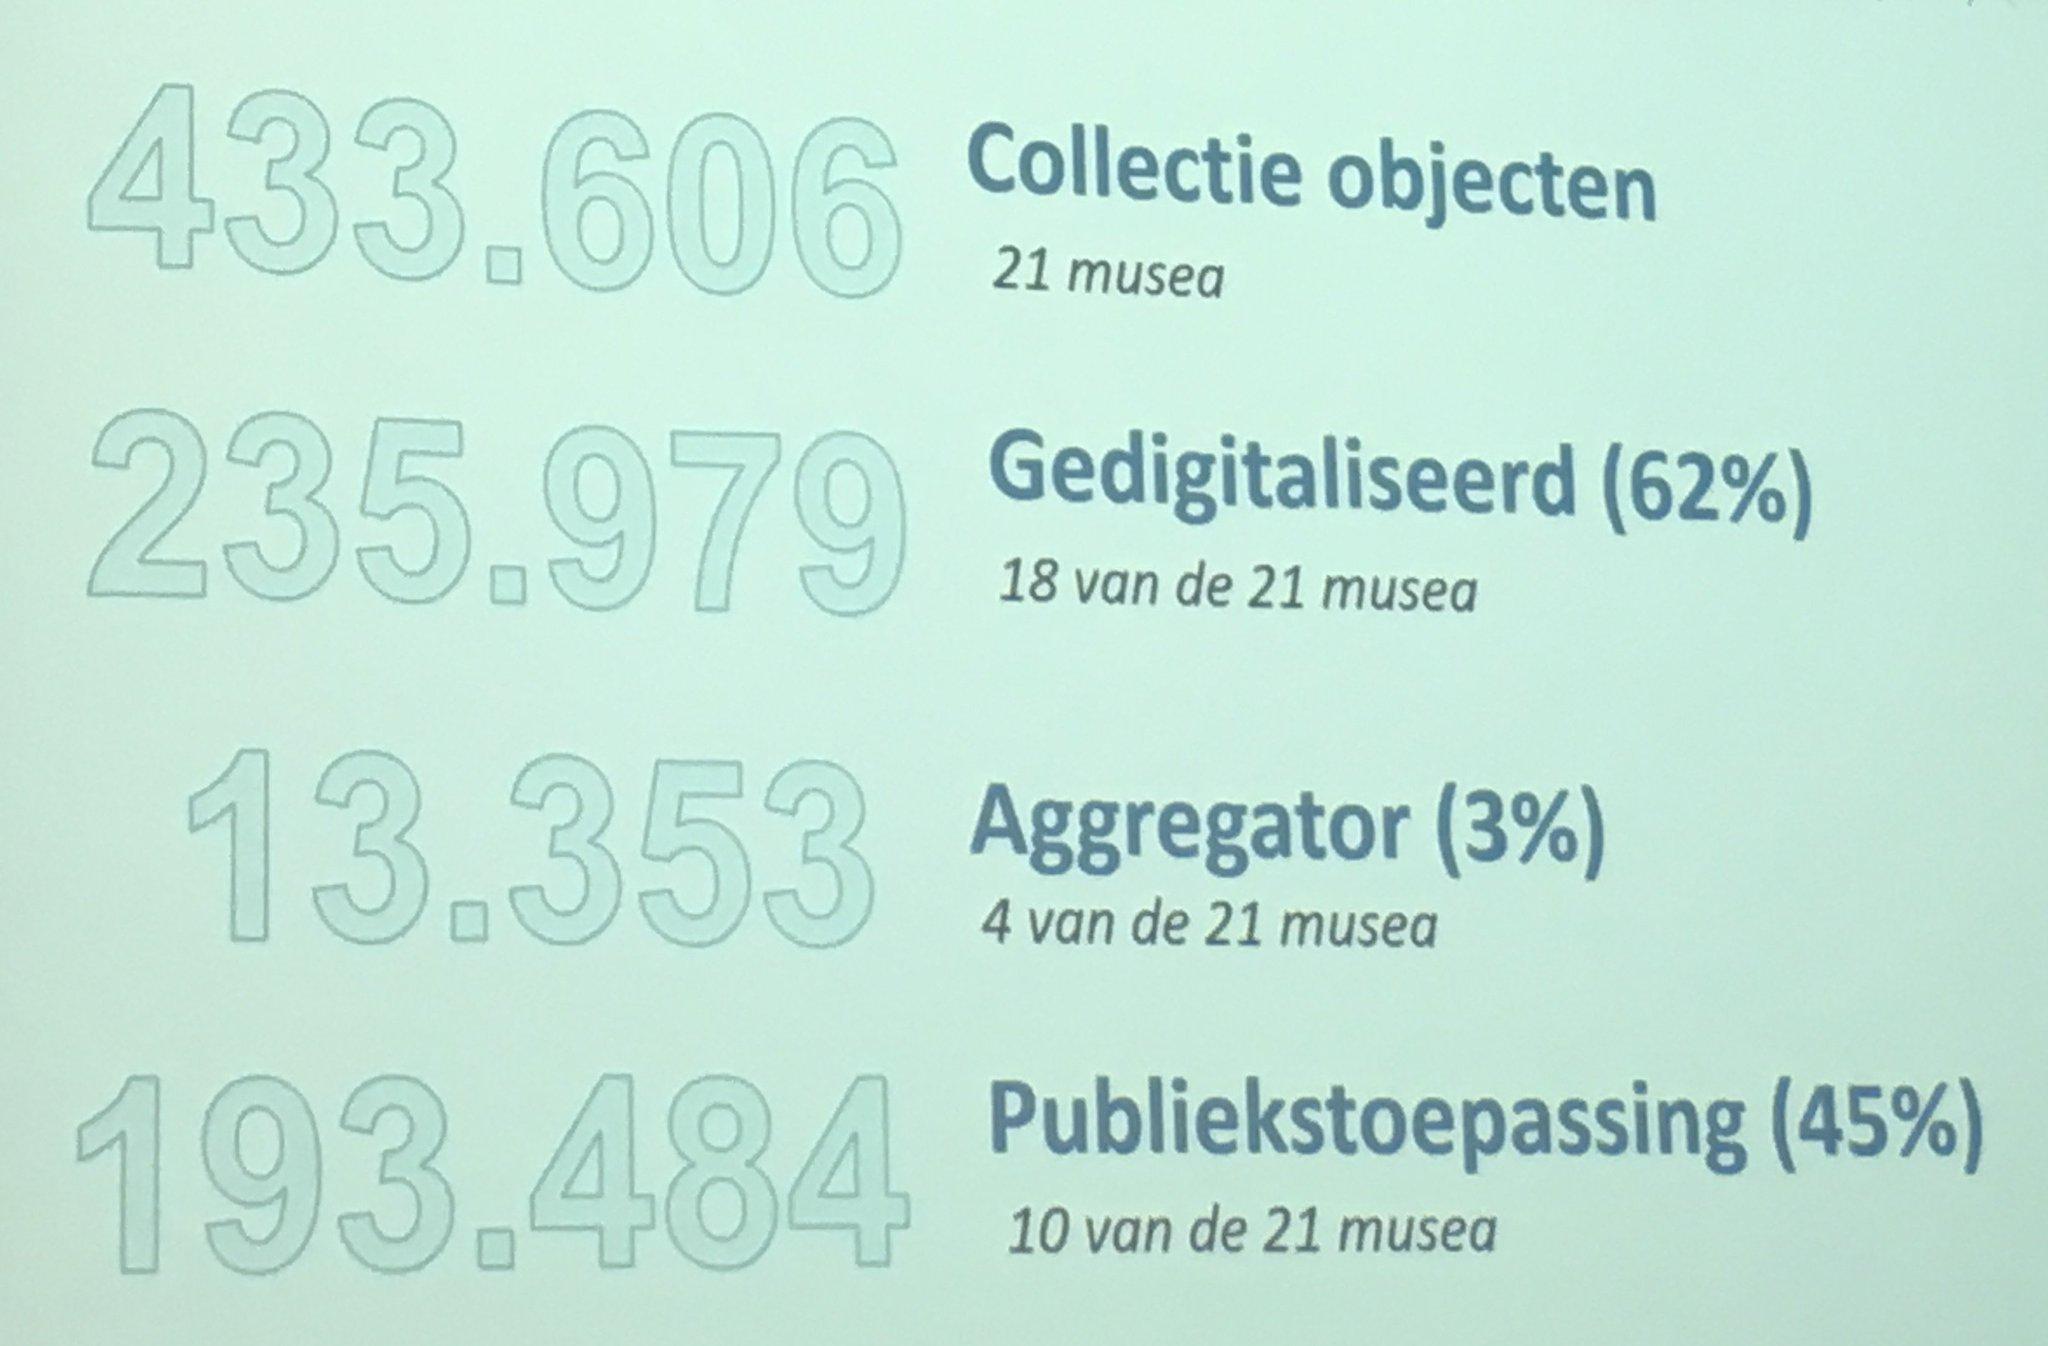 Bijna 240.000 museale objecten gedigitaliseerd, slechts 13.000 toegankelijk via aggregatoren. Nog veel te koppelen. #17WDE @info_NCDD https://t.co/bjV9UkqJ4Q